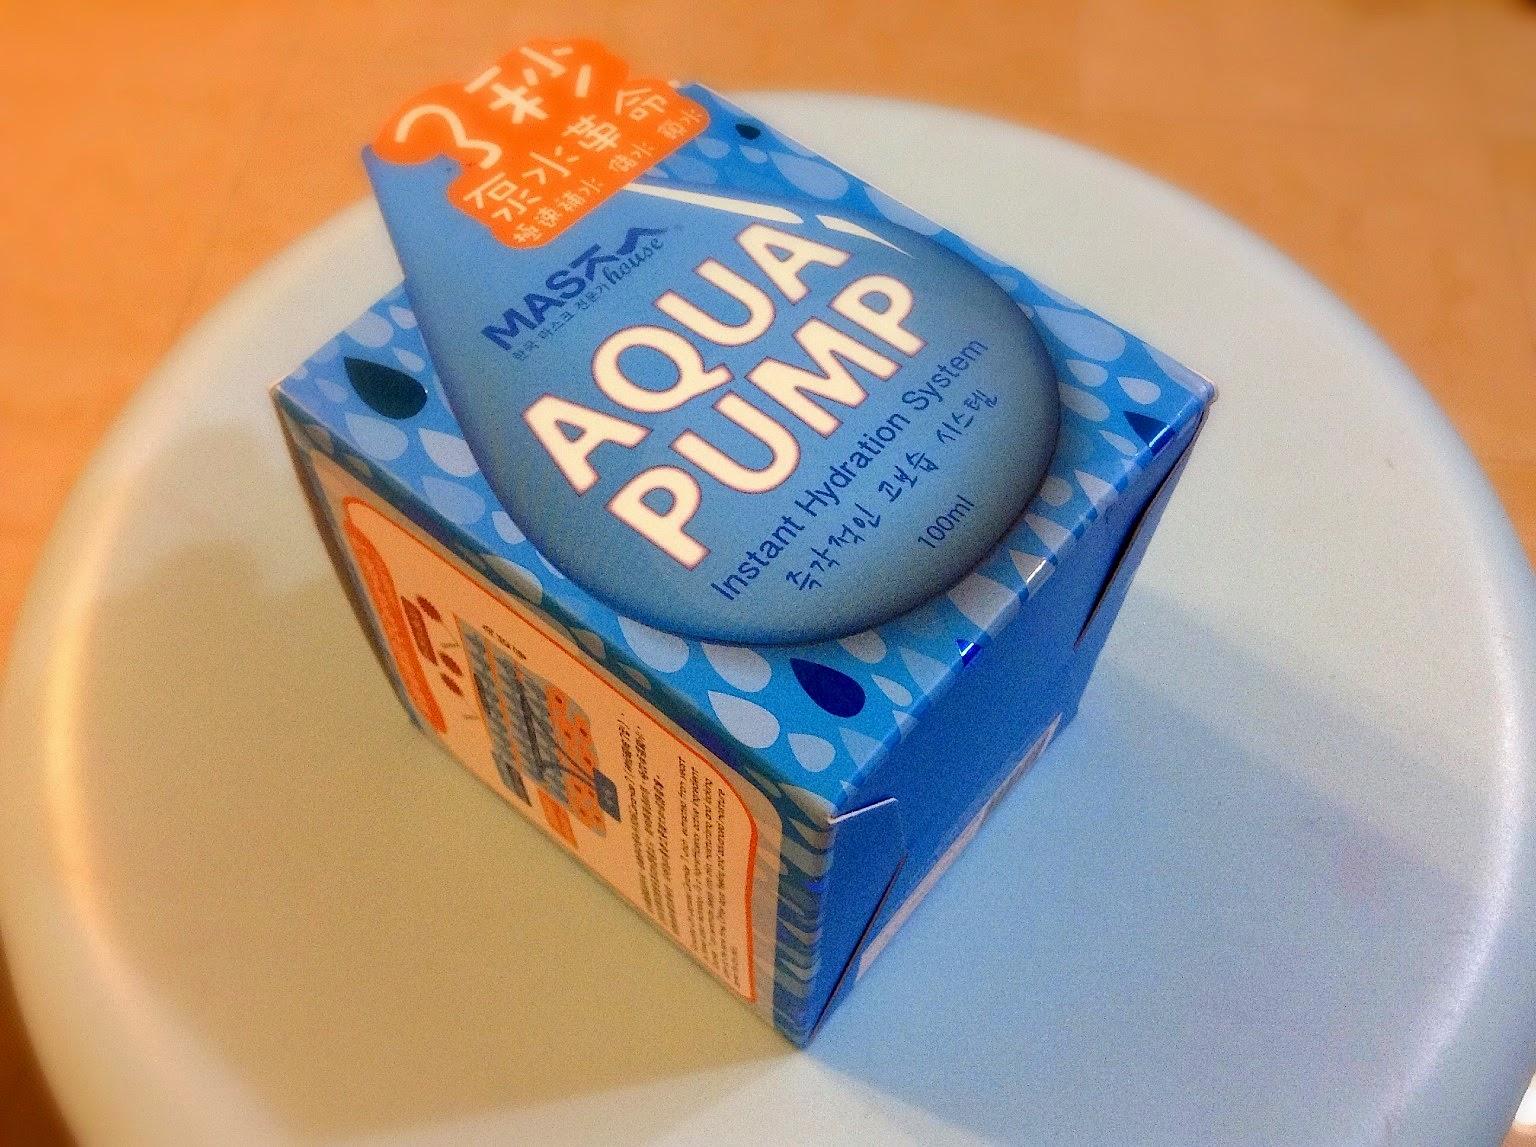 >> 韓式分子釘 3 秒泵水*Mask House Aqua Pump 補水王精華